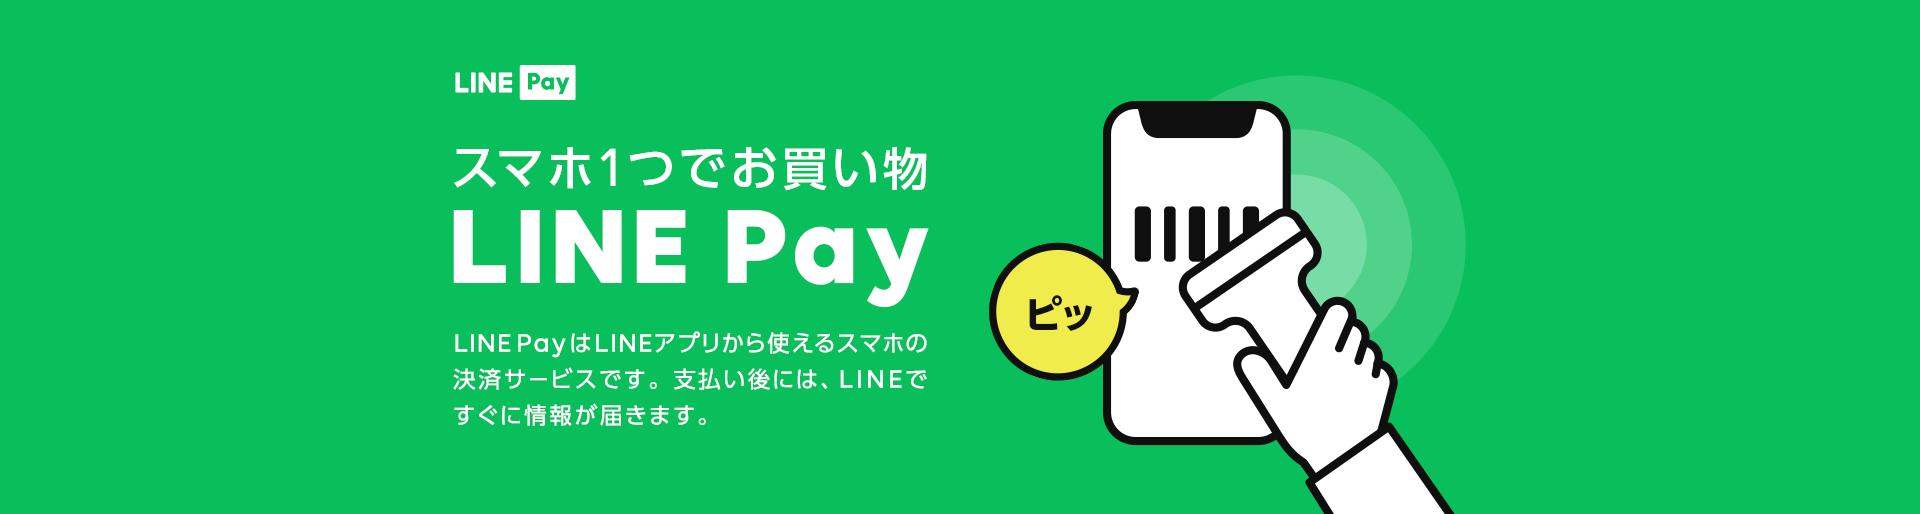 LINE Payならスマホ一つでお買い物ができる